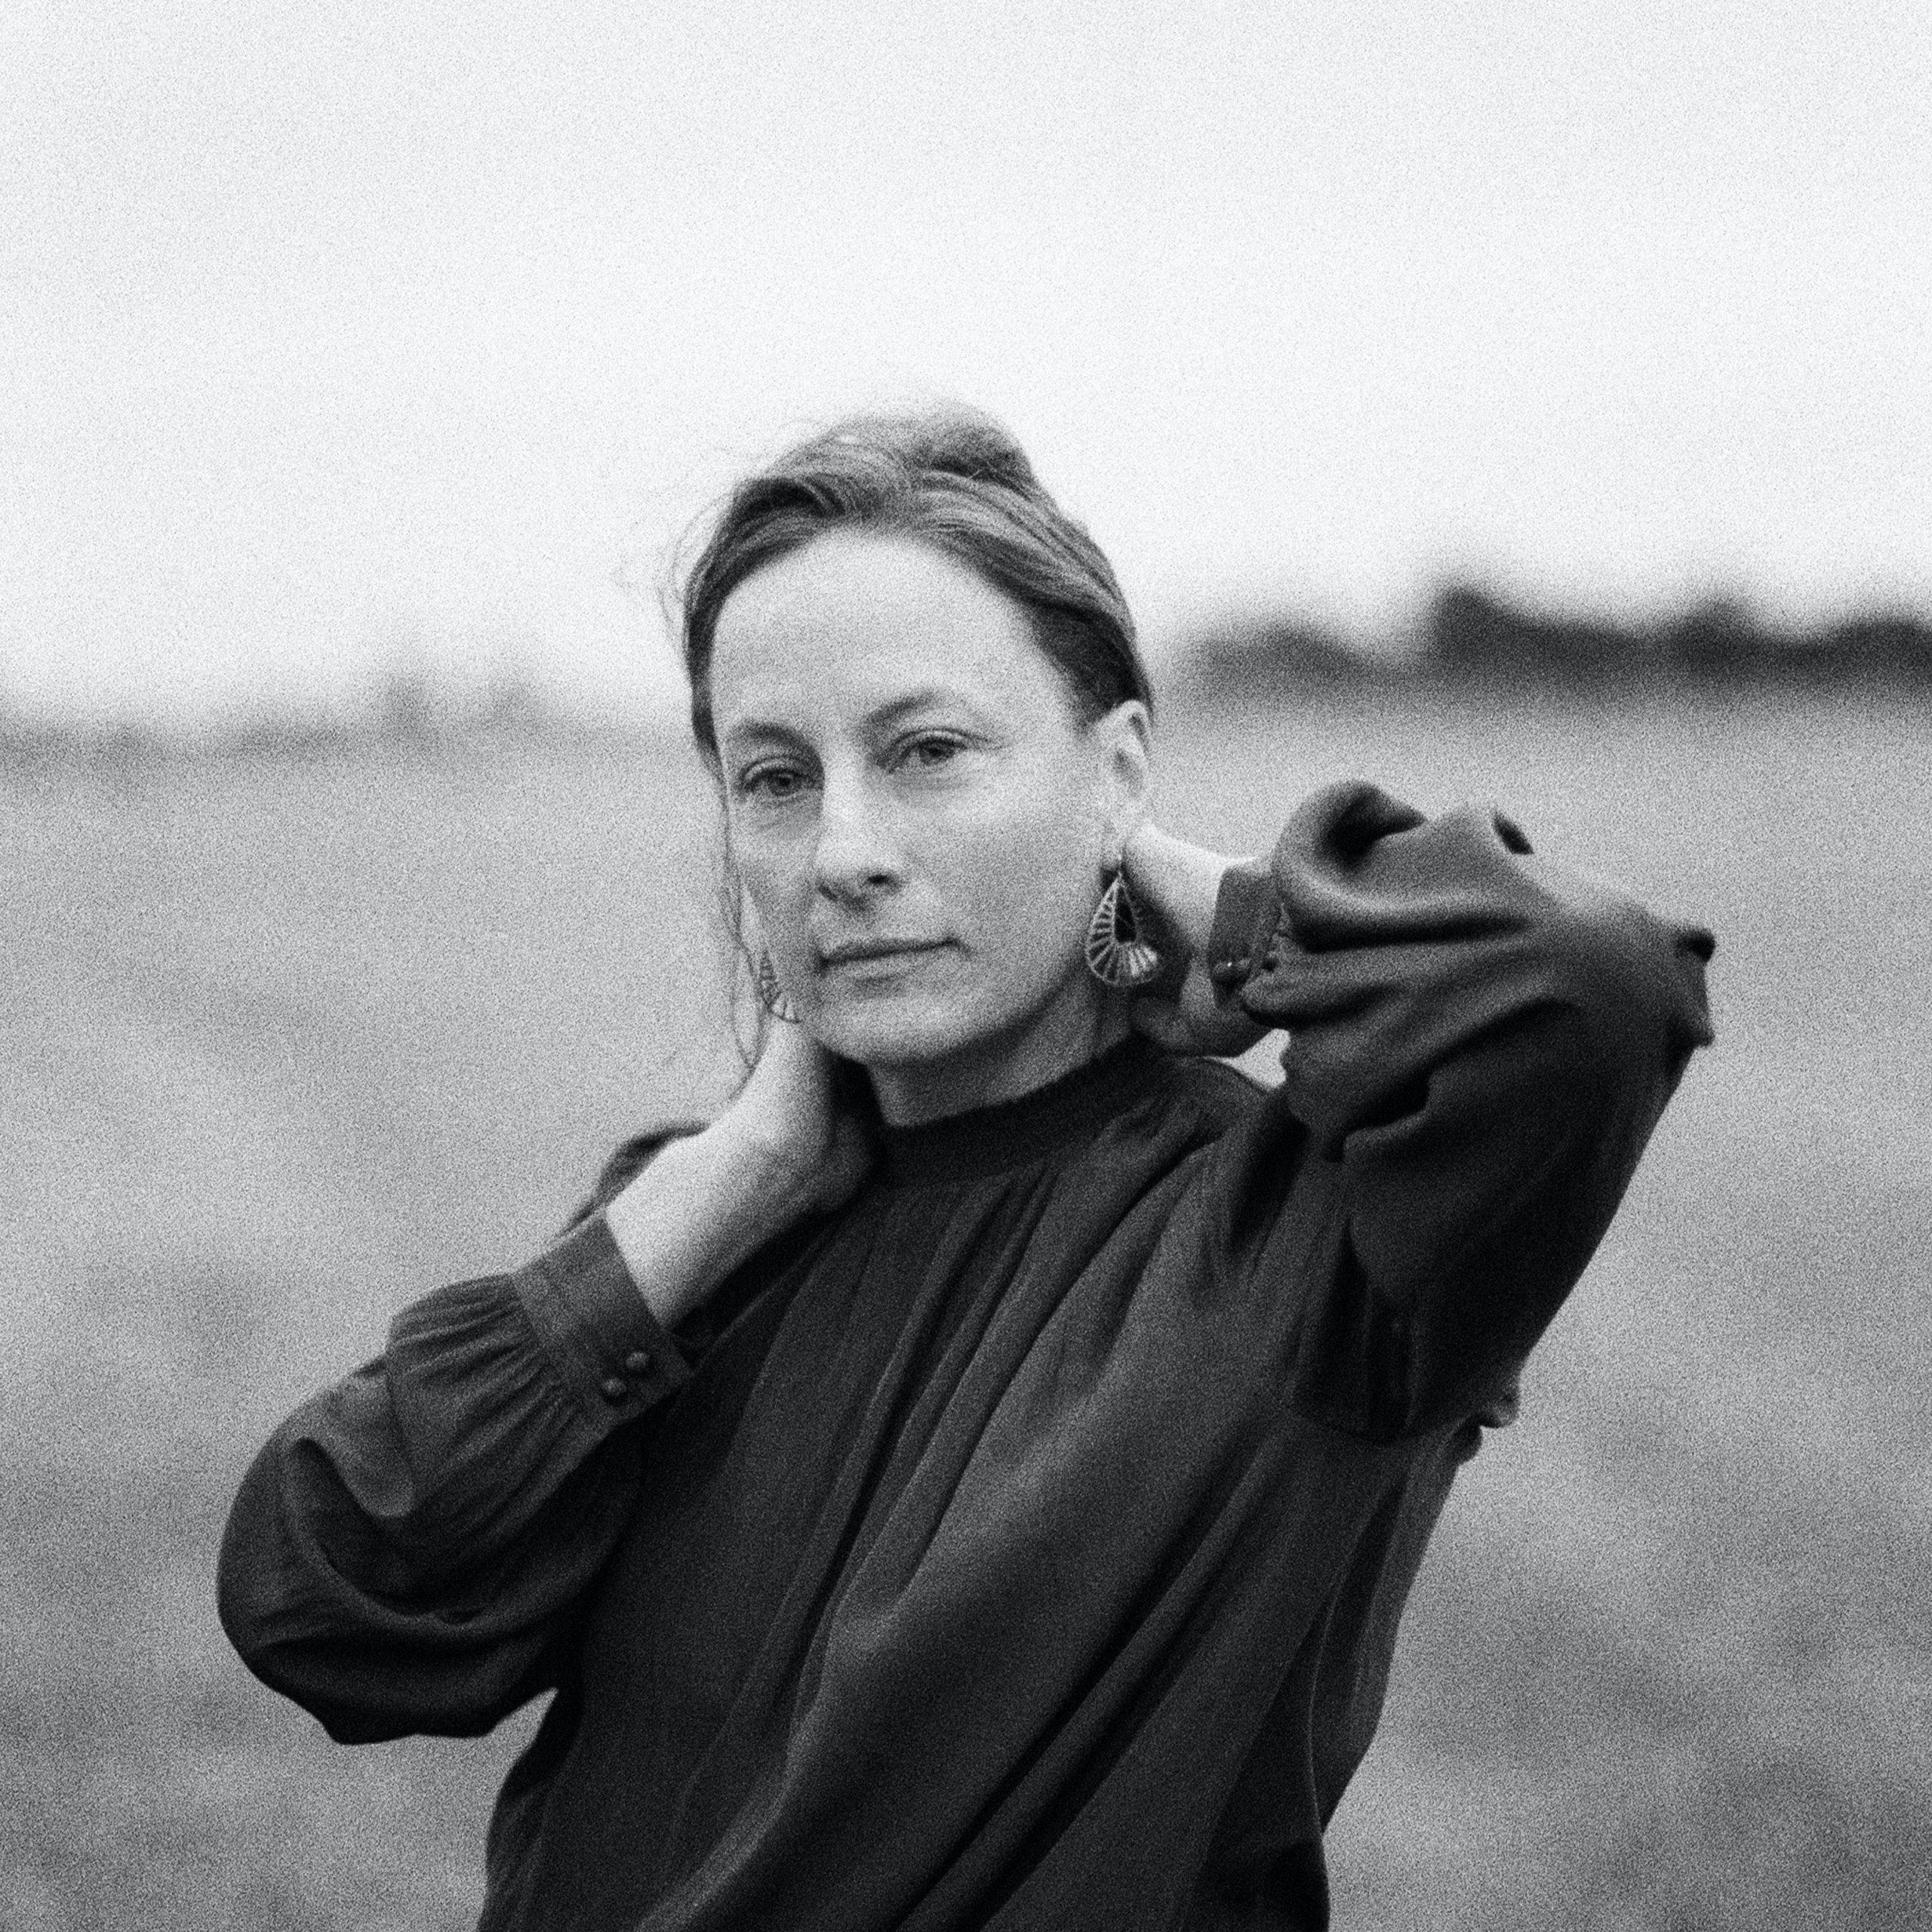 SarahHarmer